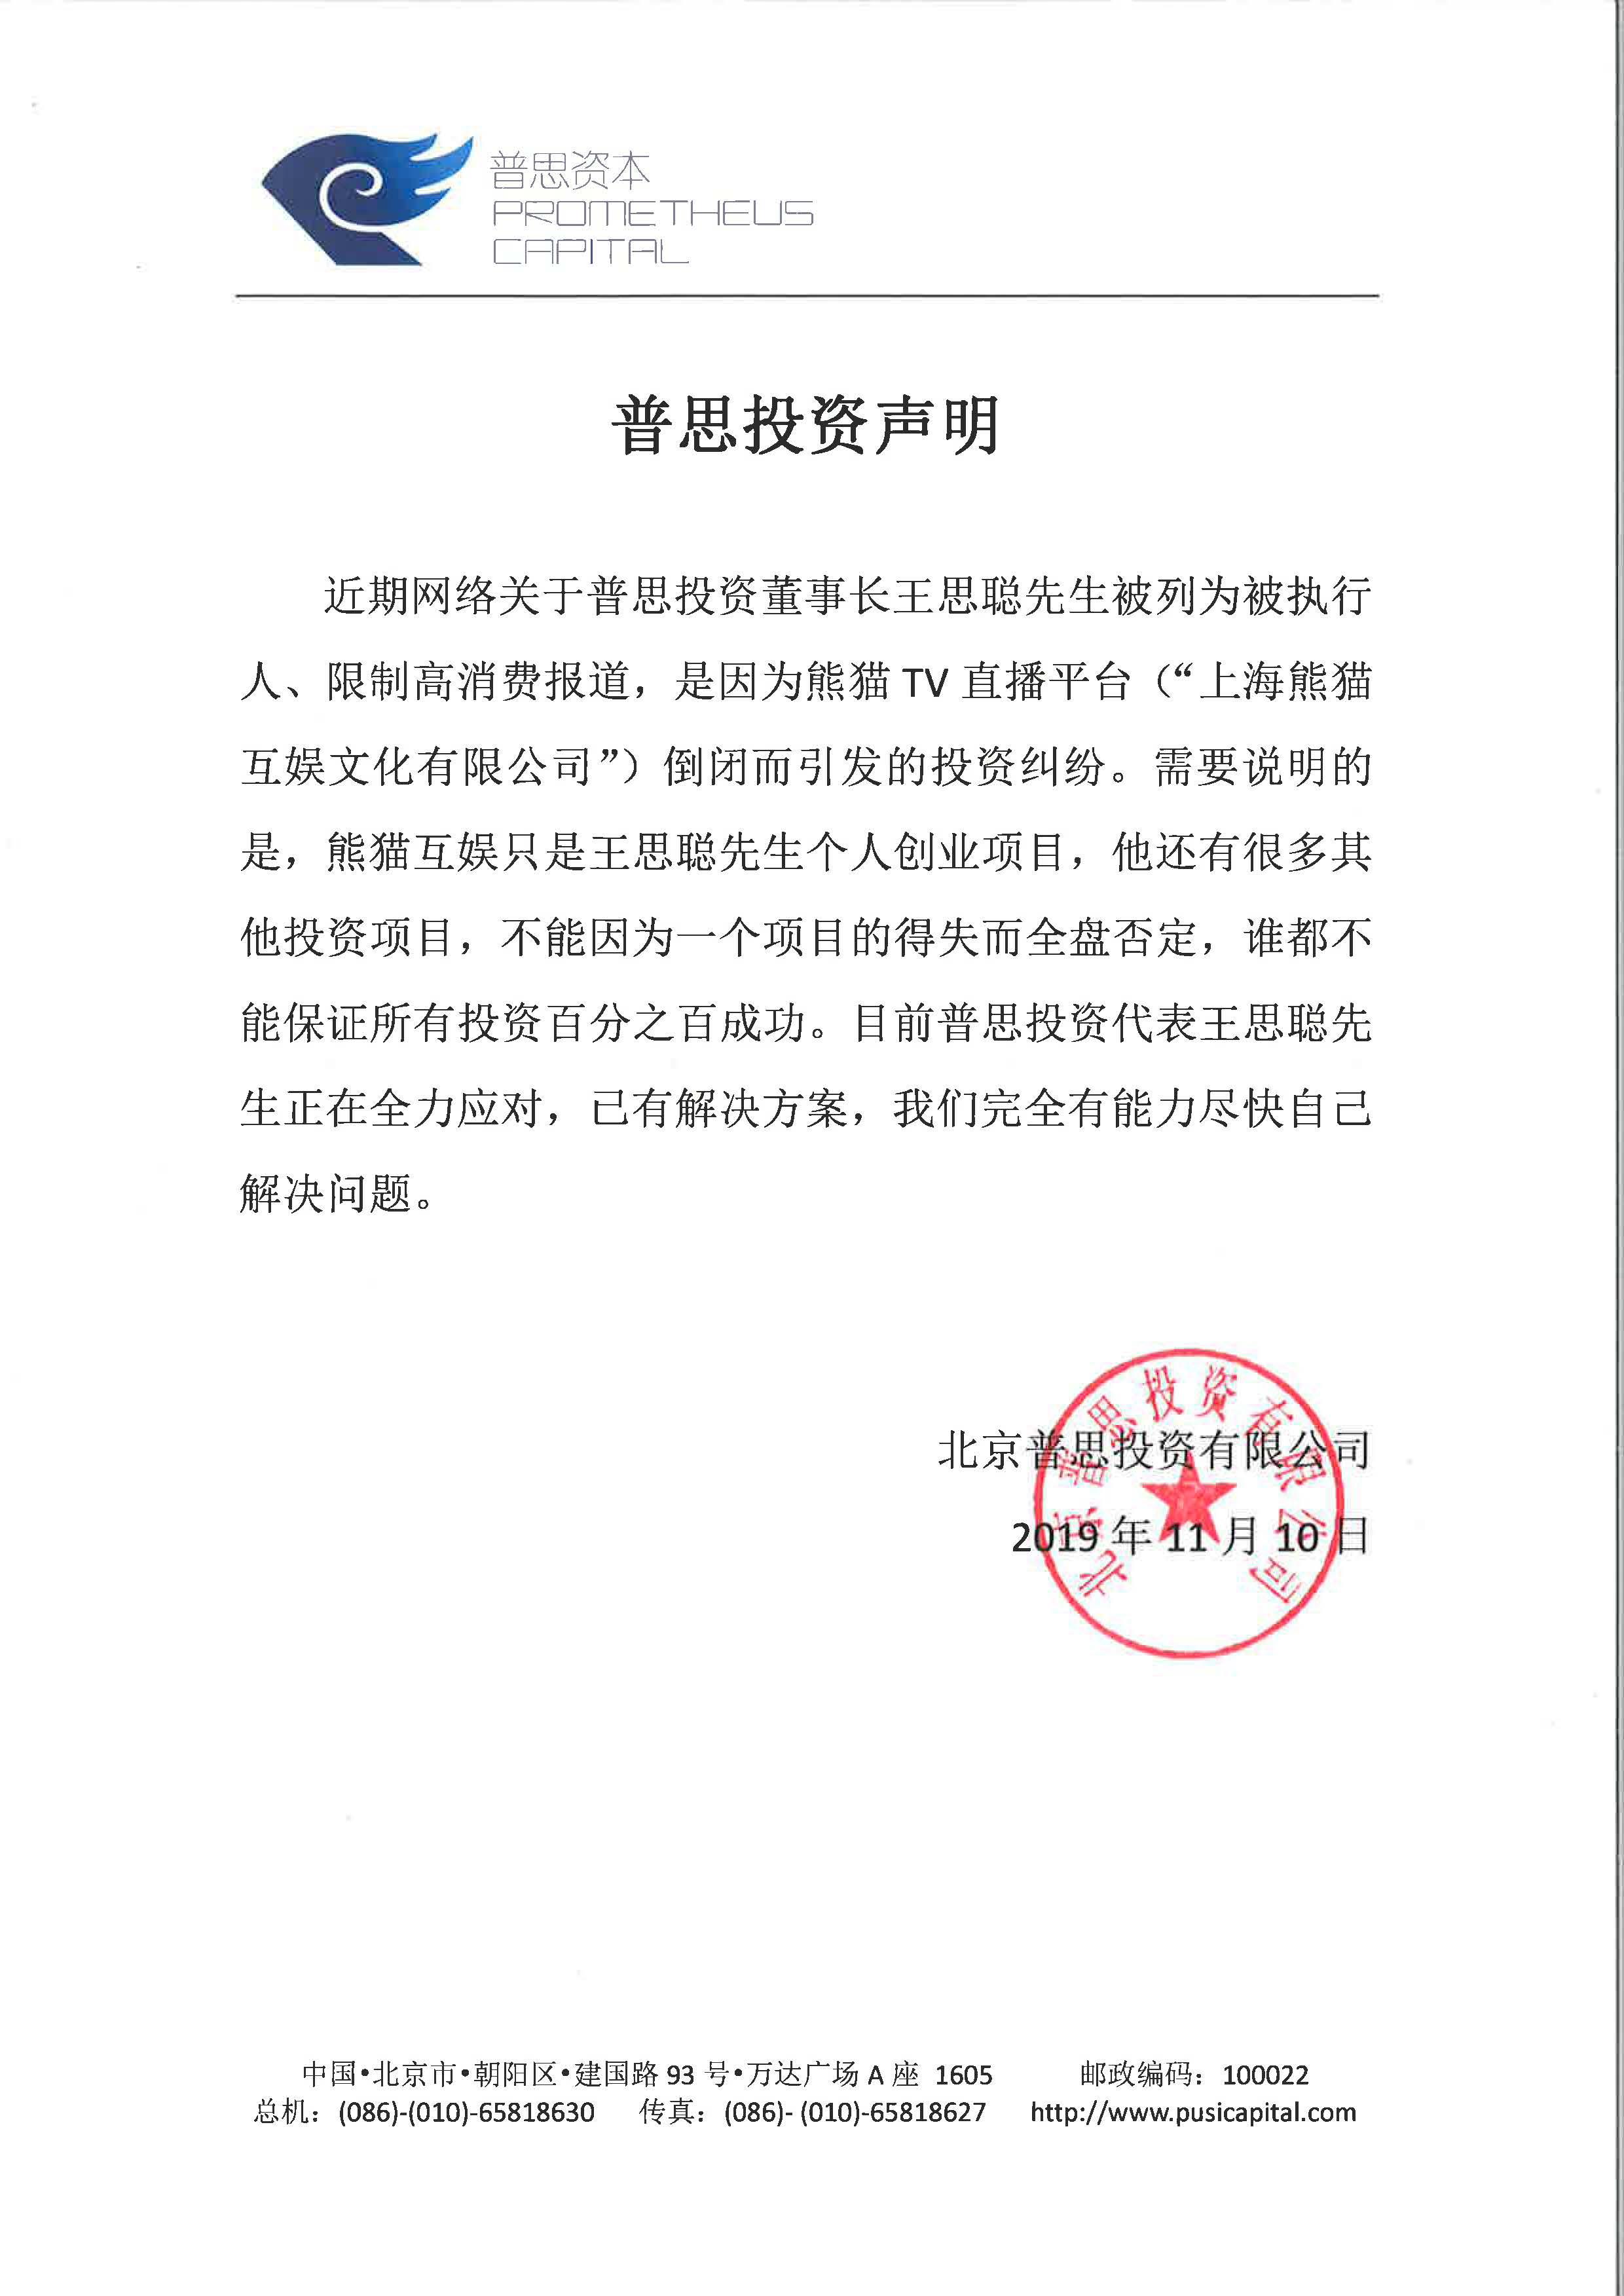 普思投资回应王思聪被列为被执行人:正全力应对